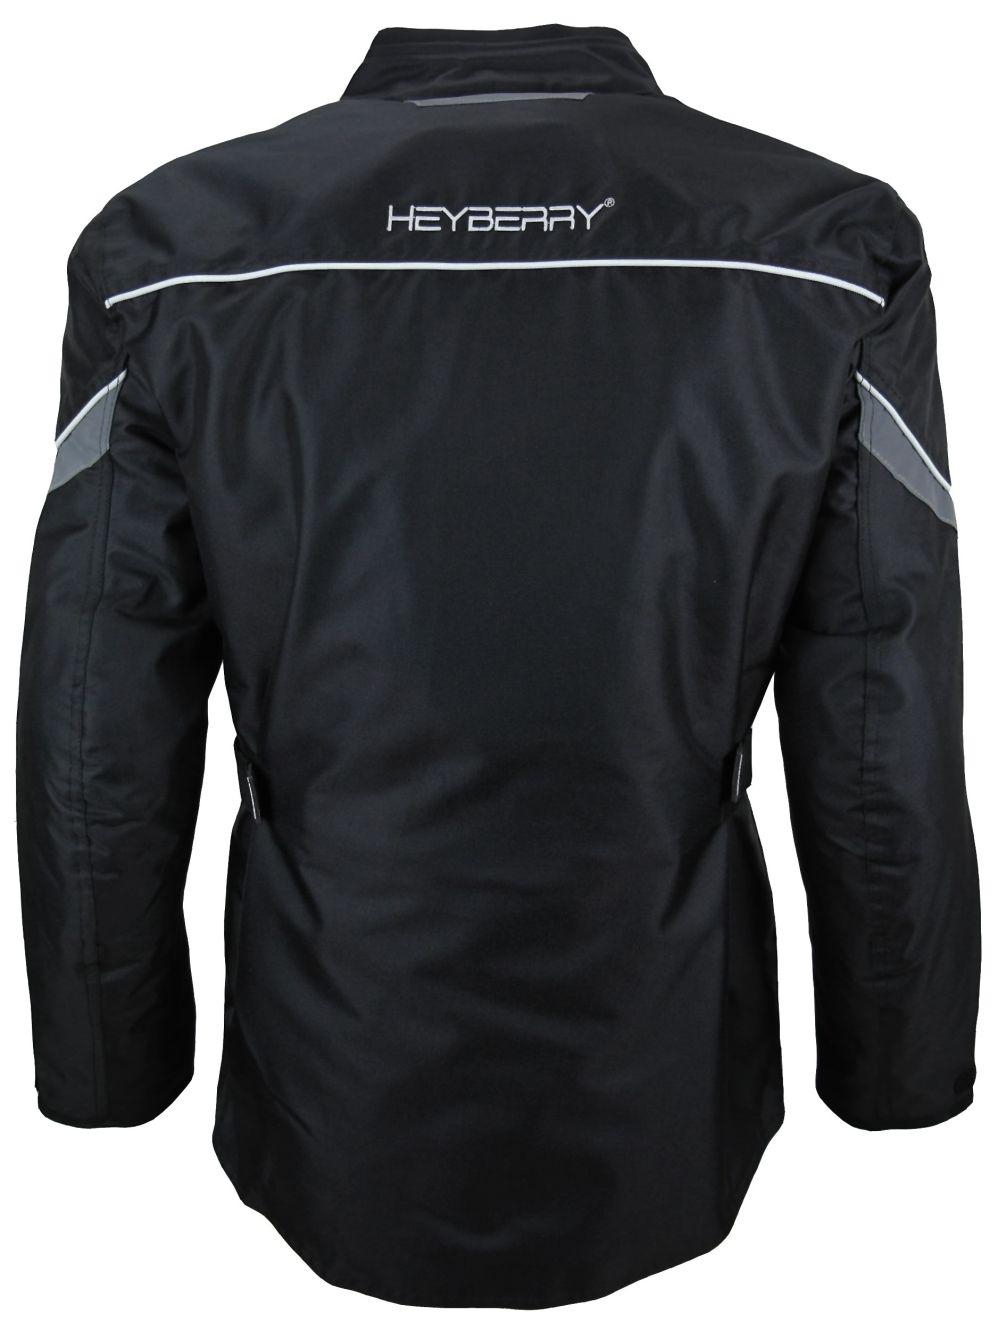 Heyberry Textil Touren Motorradjacke Motorrad Jacke schwarz weiß Gr. M-3XL